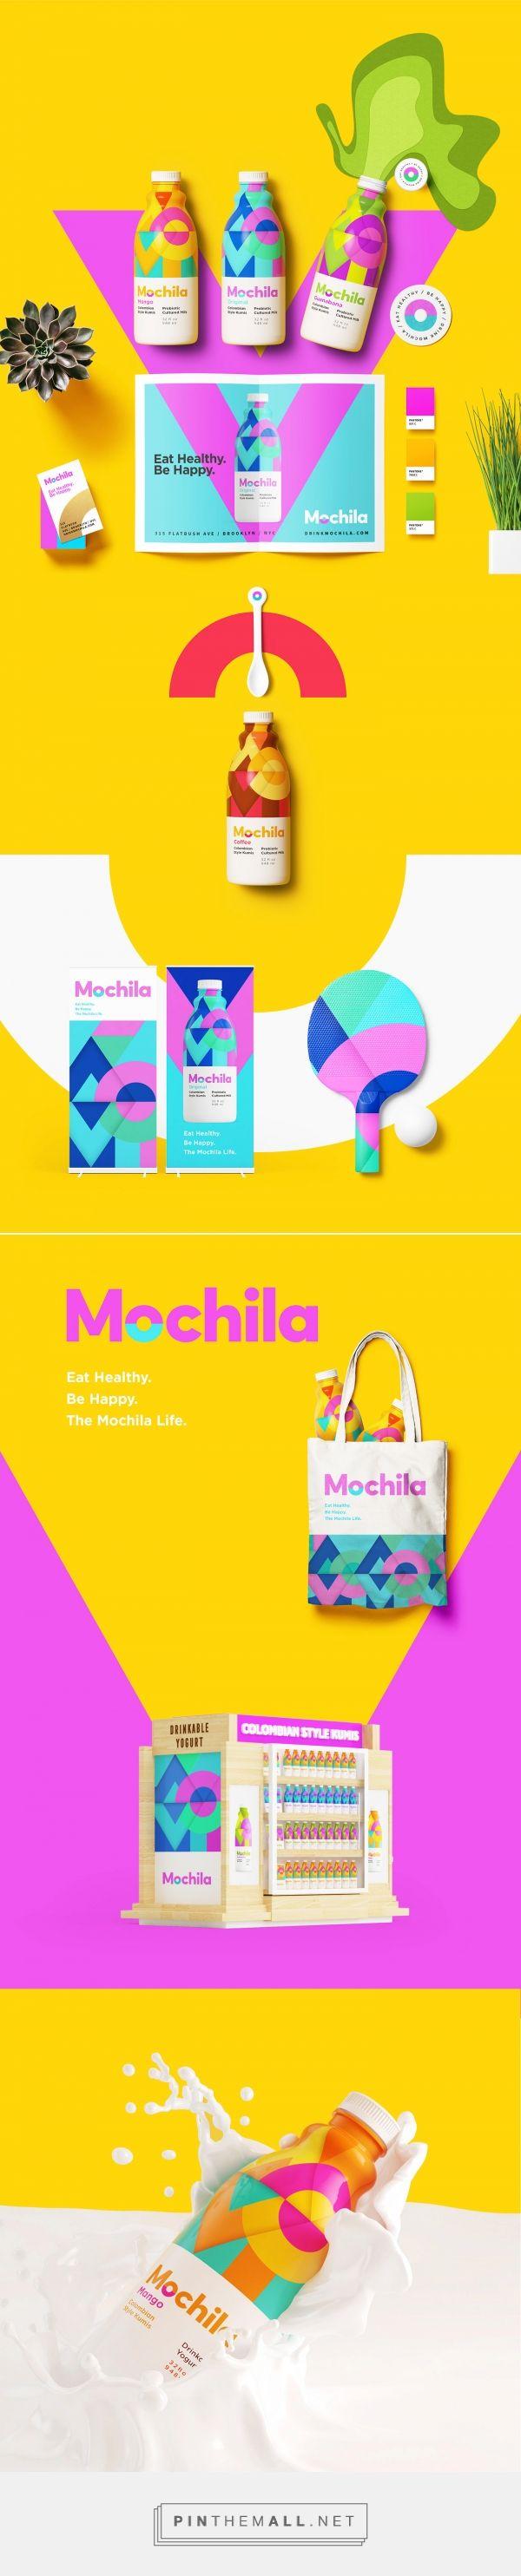 Mochila ® by Sweety & Co.